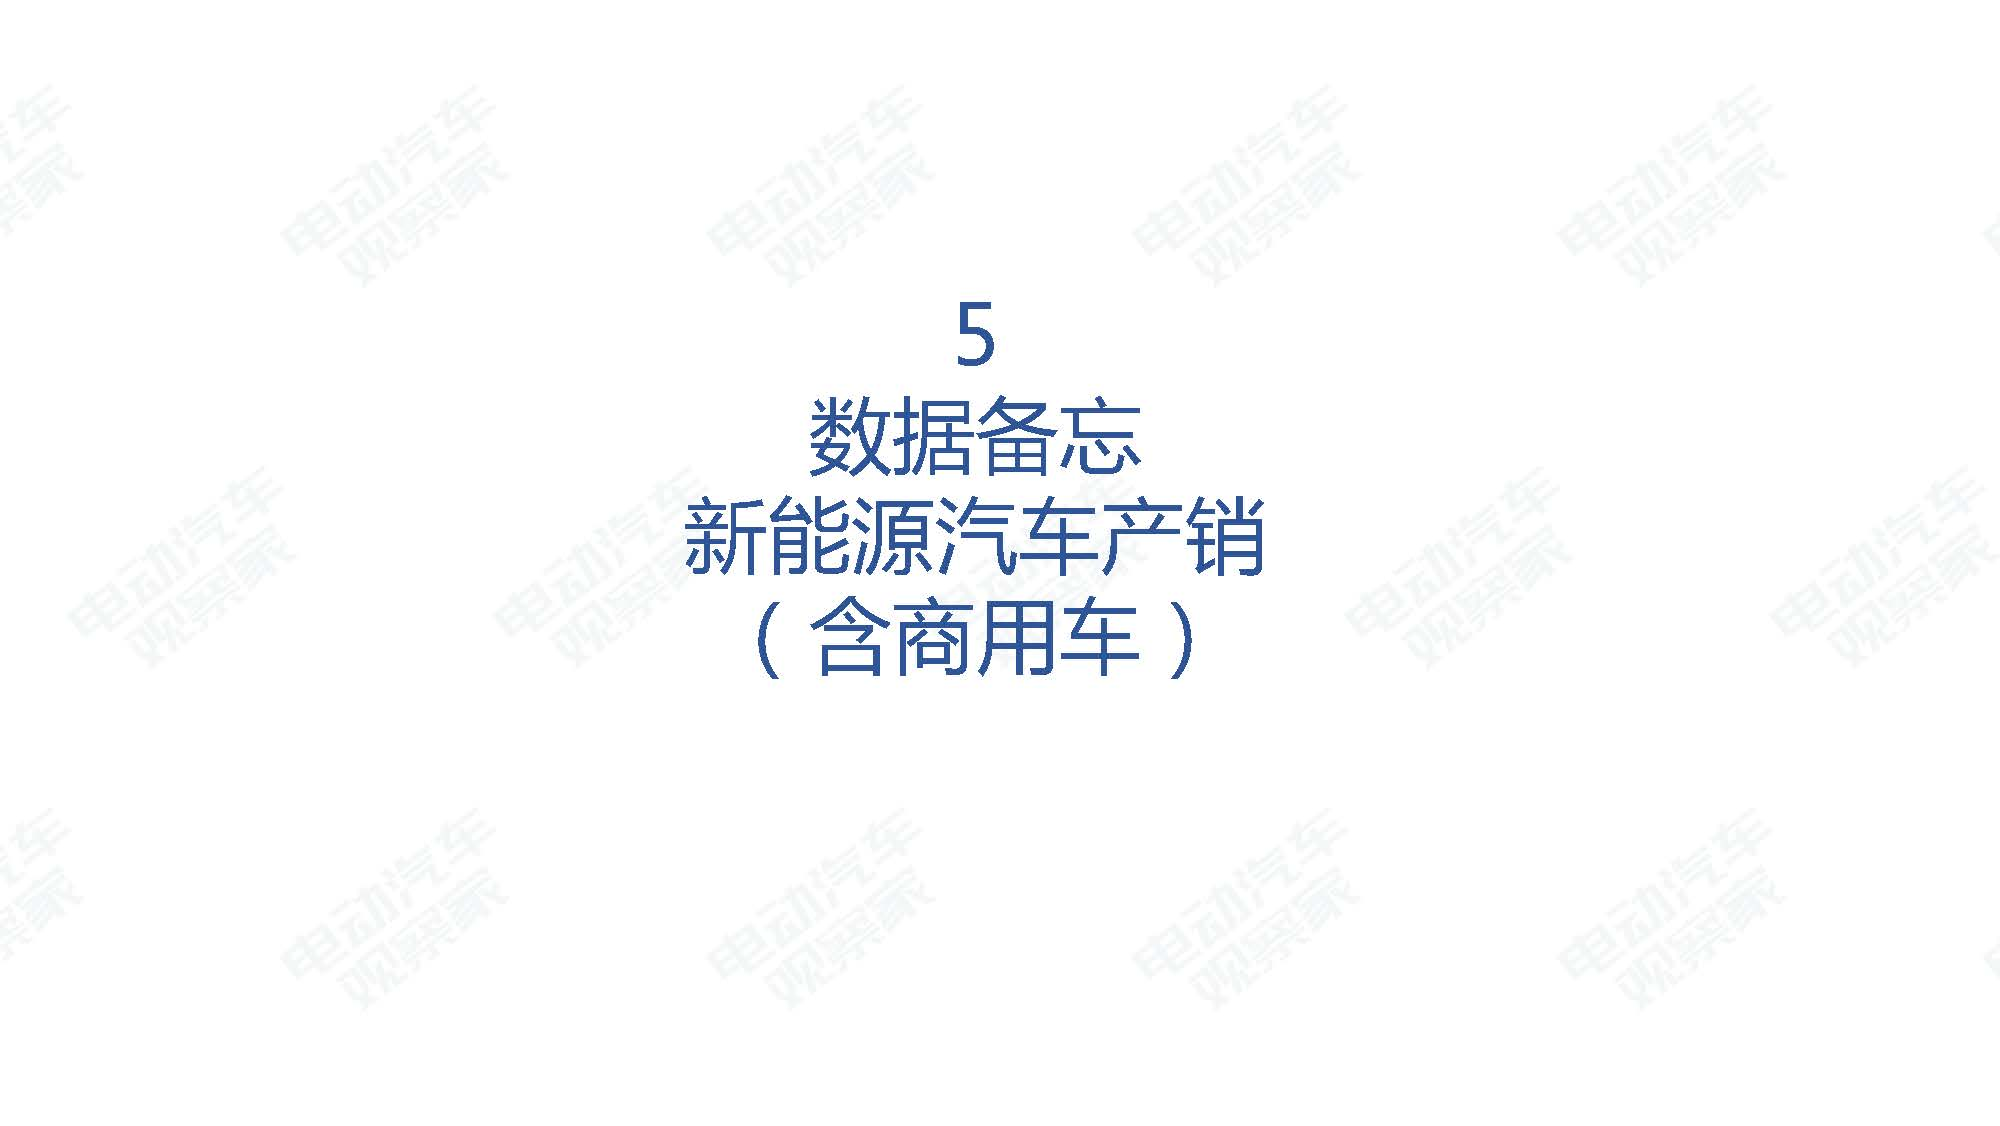 2019年11月中国新能源汽车产业观察_页面_115